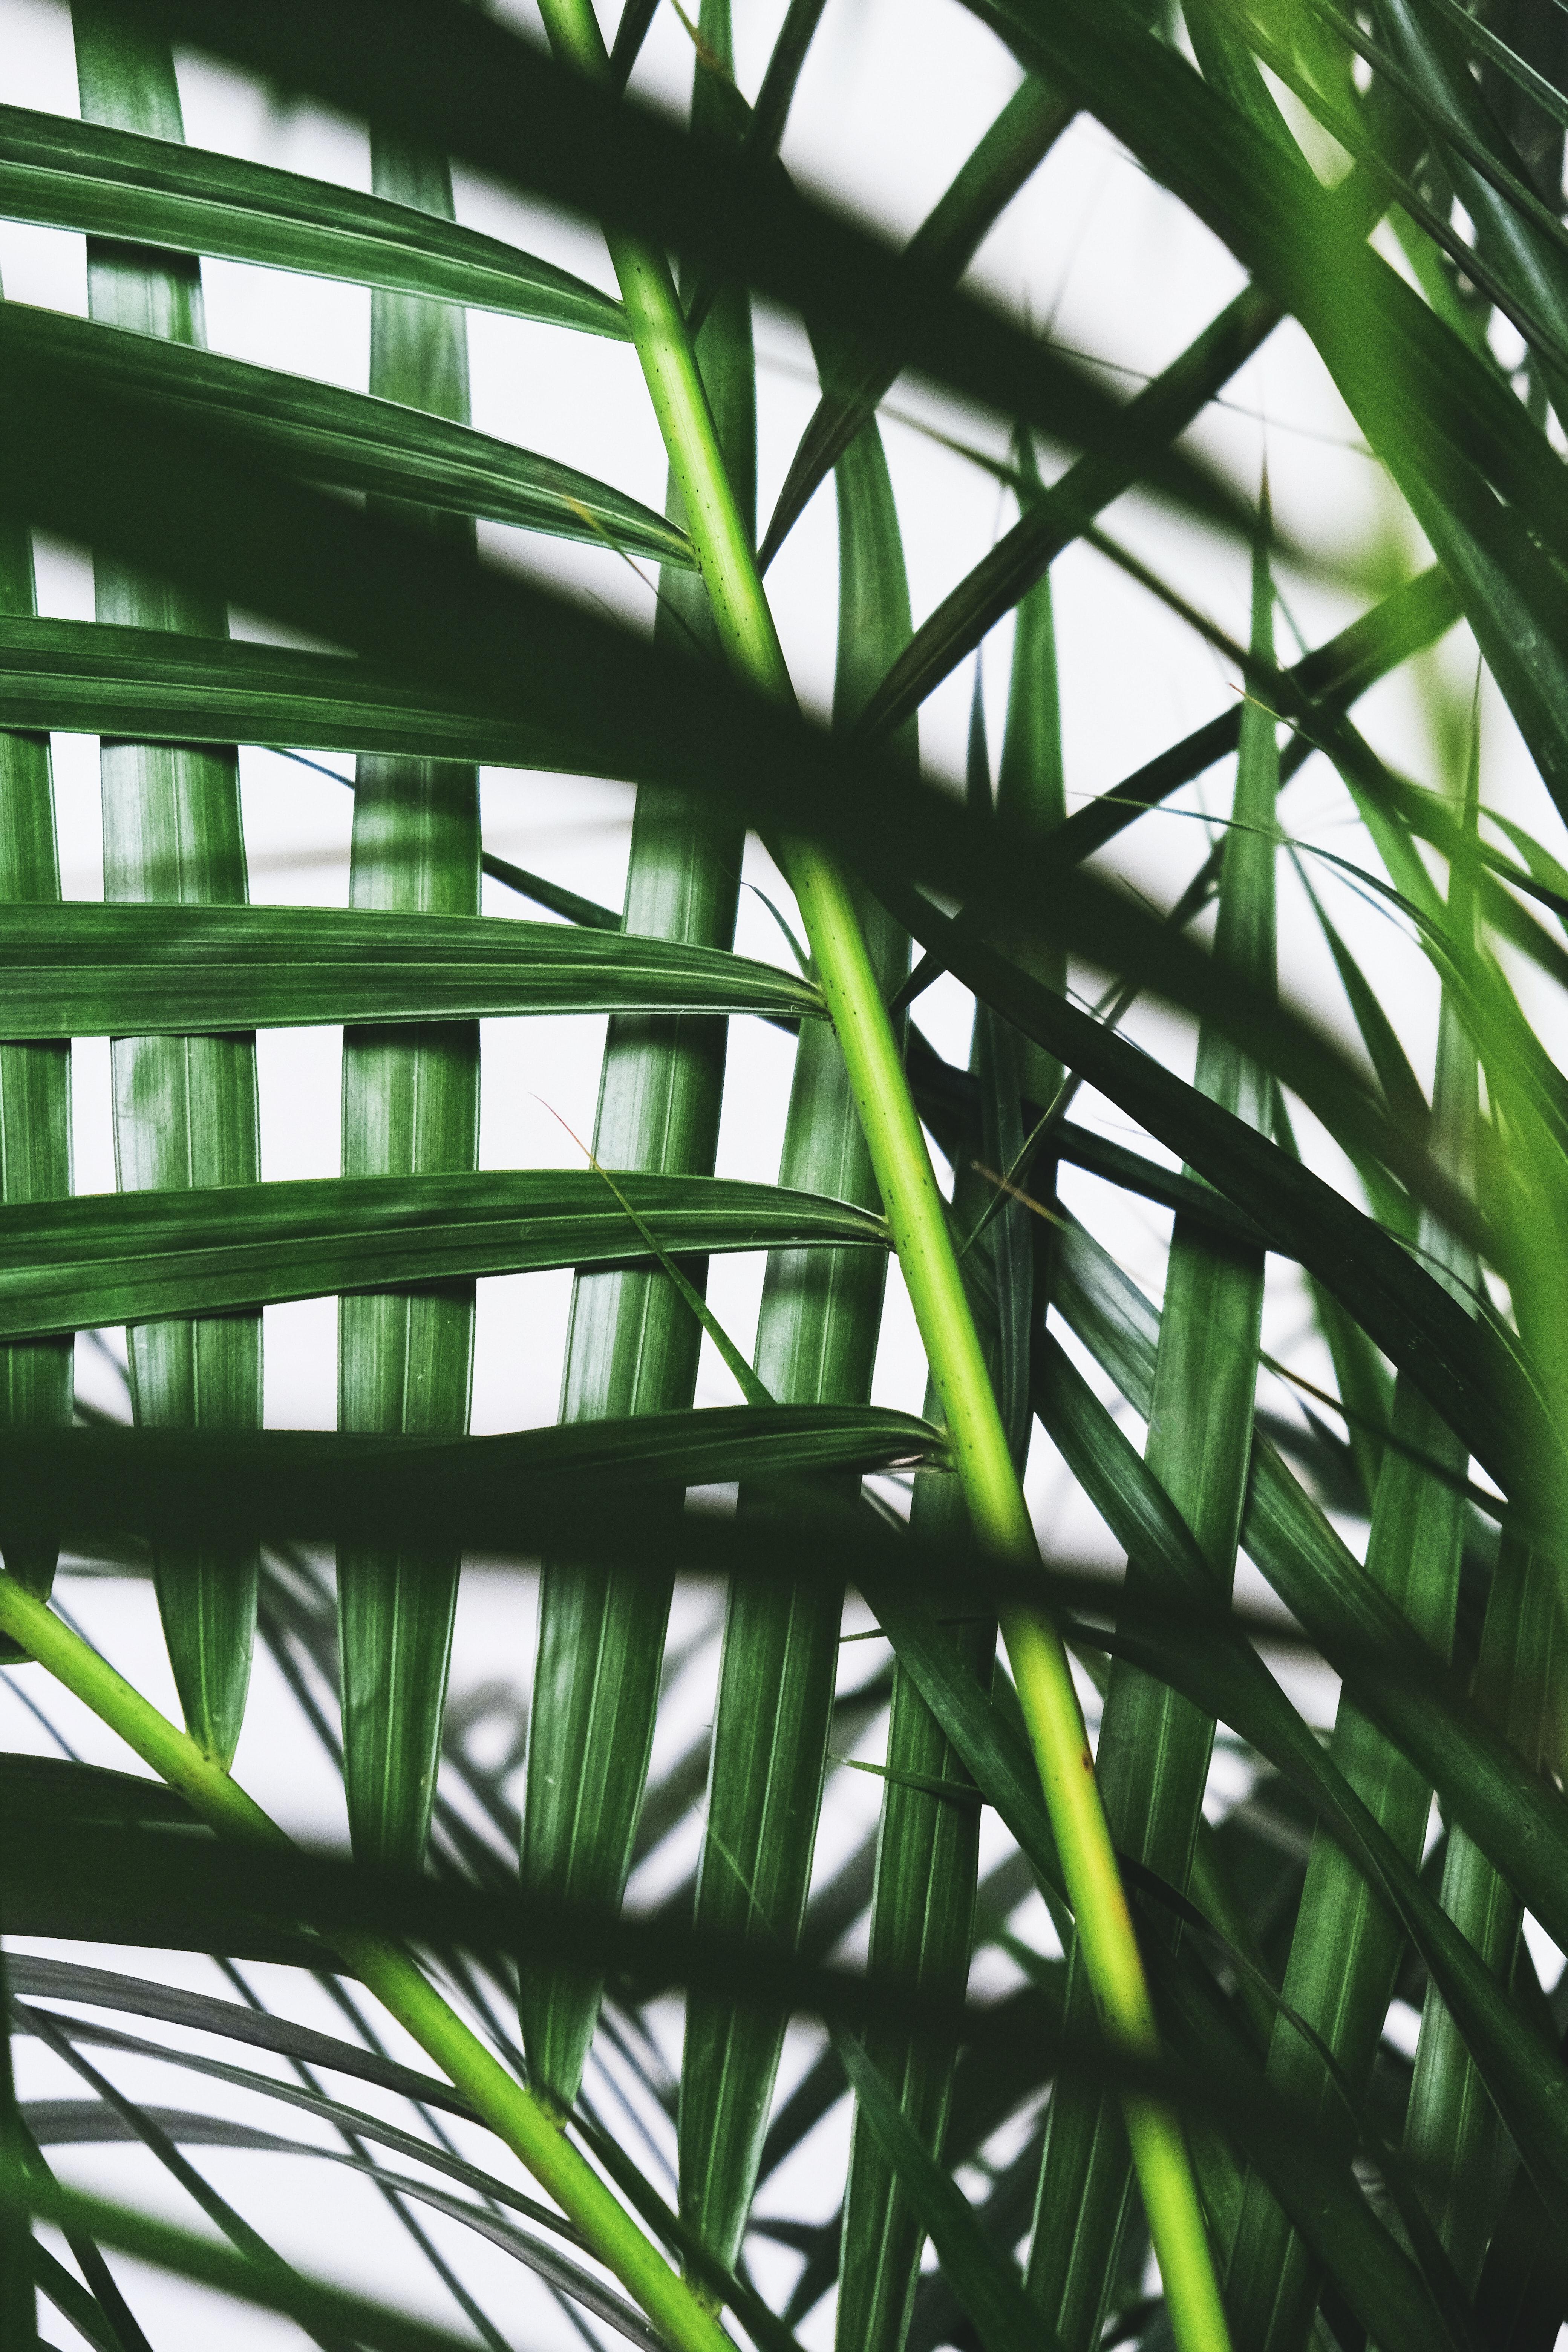 116402 скачать обои Ветки, Листья, Растение, Макро, Пальма - заставки и картинки бесплатно